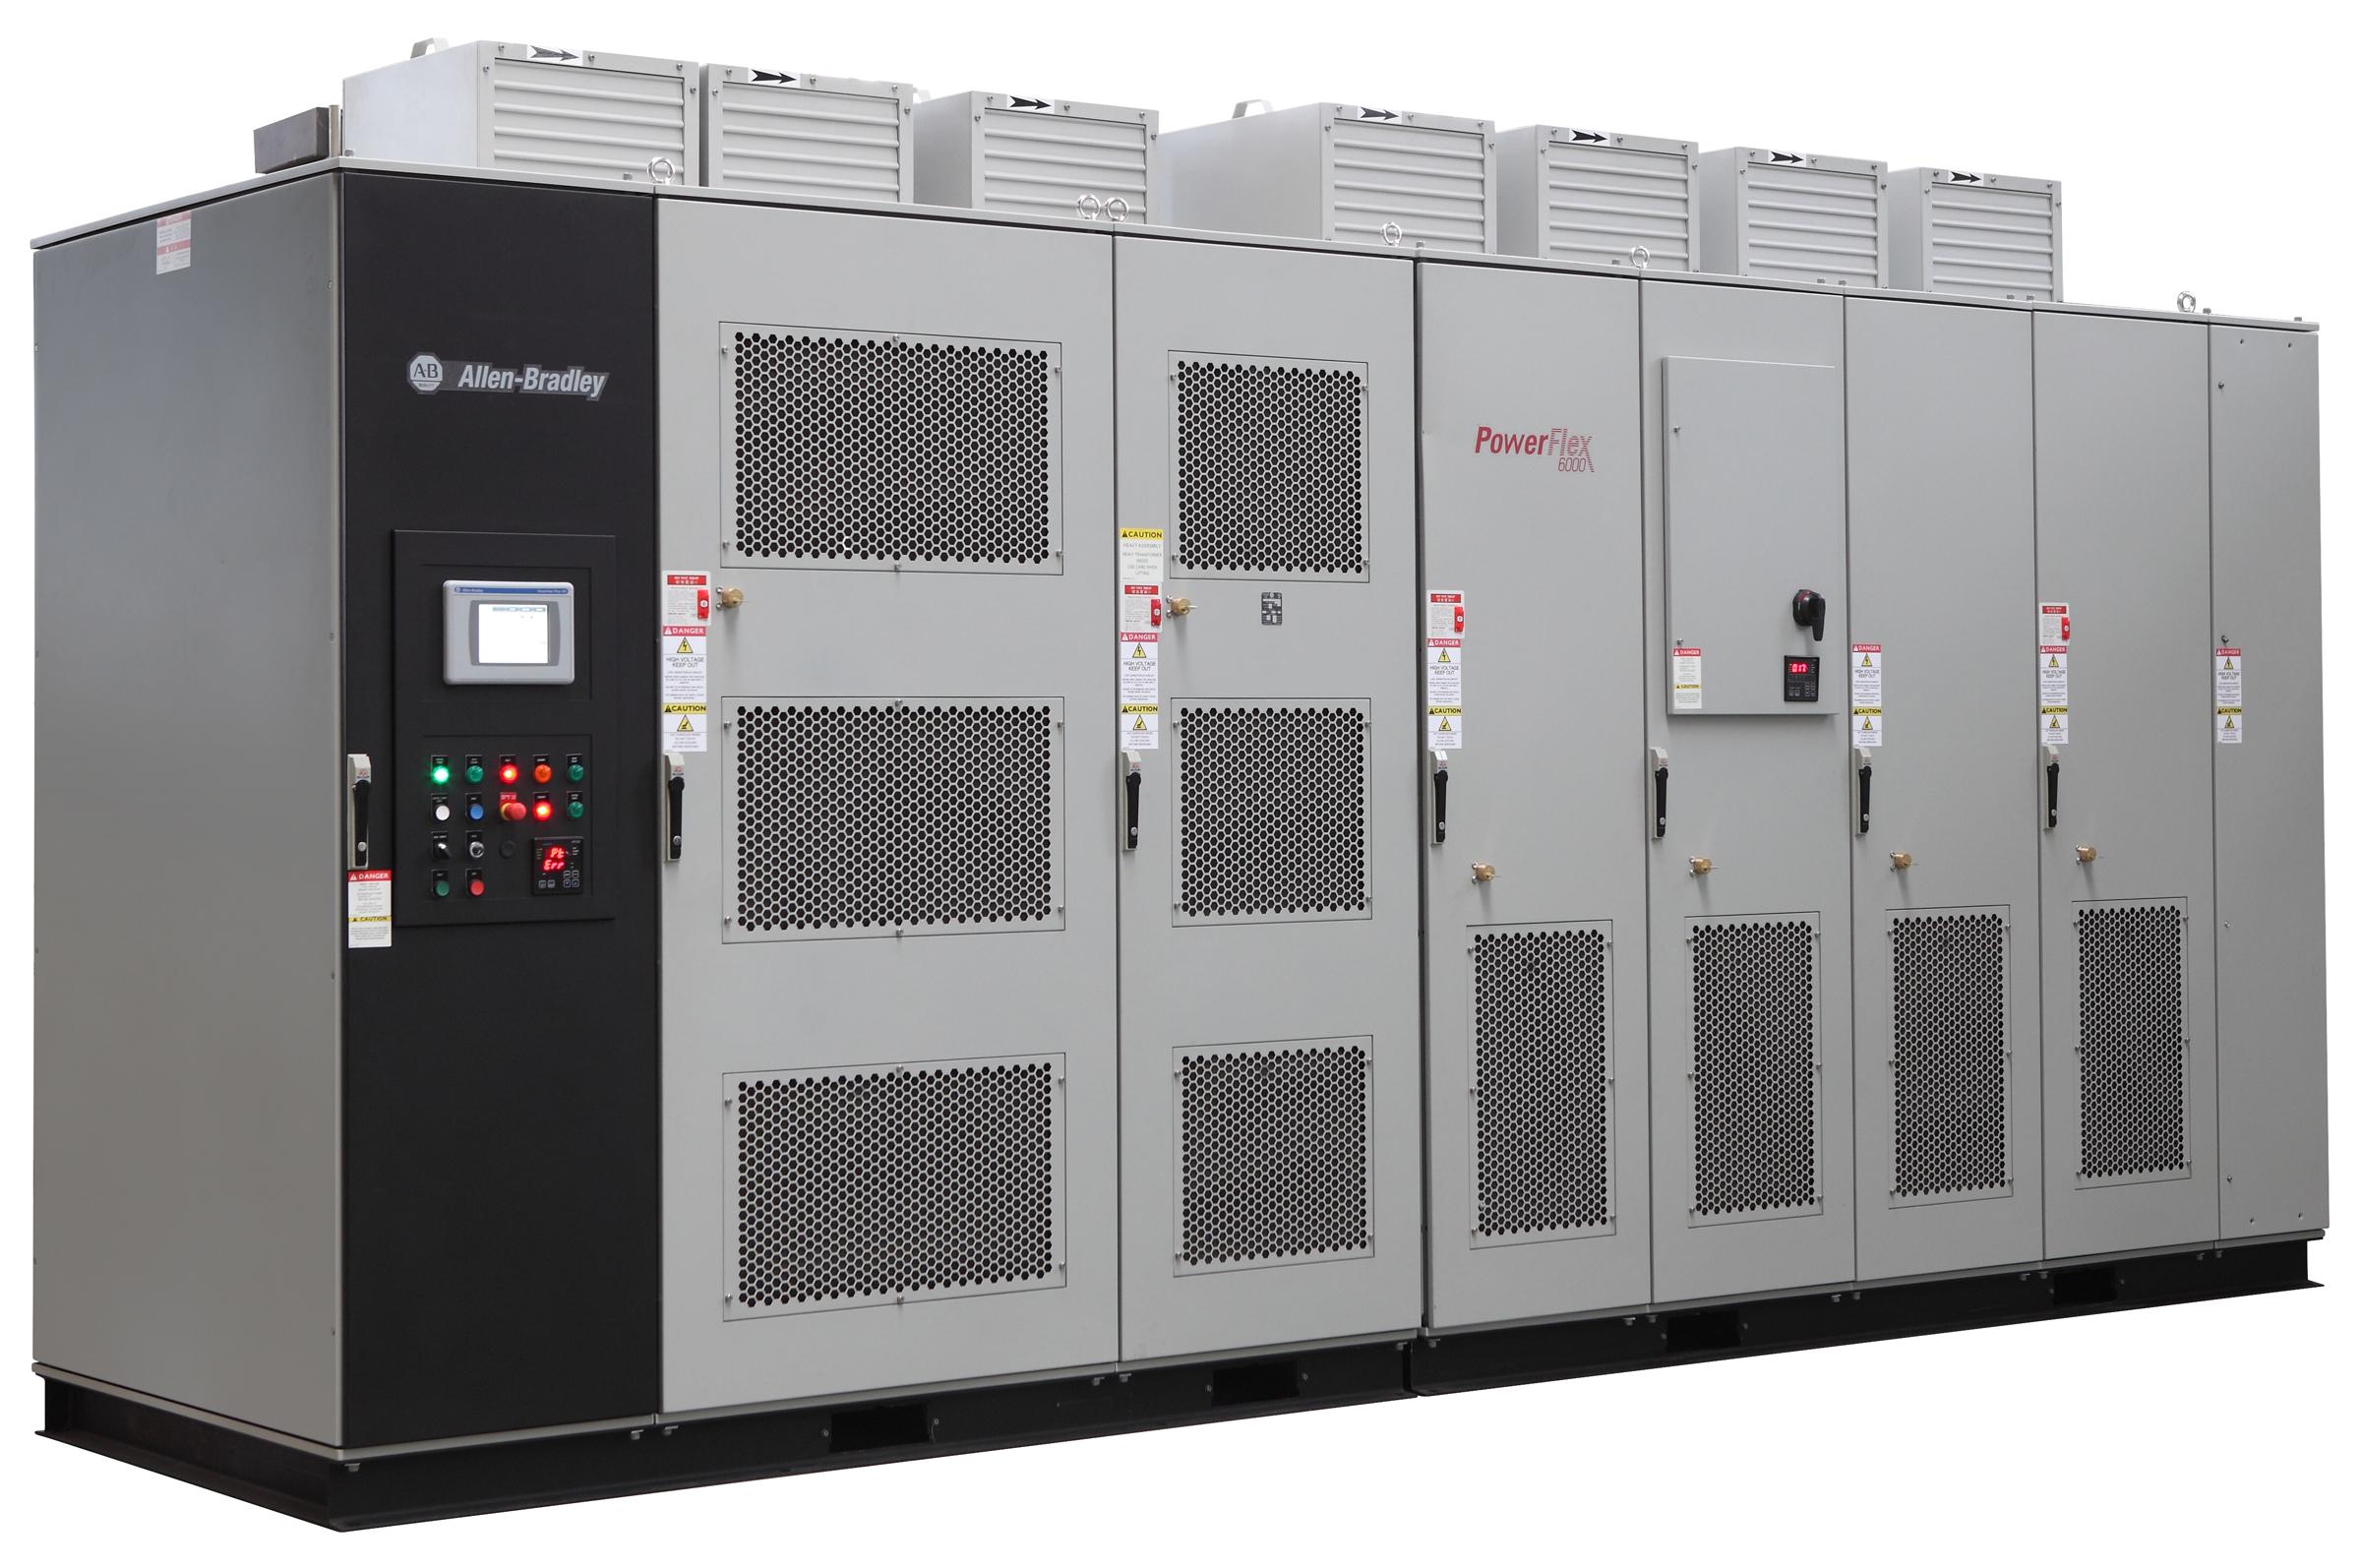 罗克韦尔自动化PowerFlex 6000变频器再增全新无传感器矢量控制功能